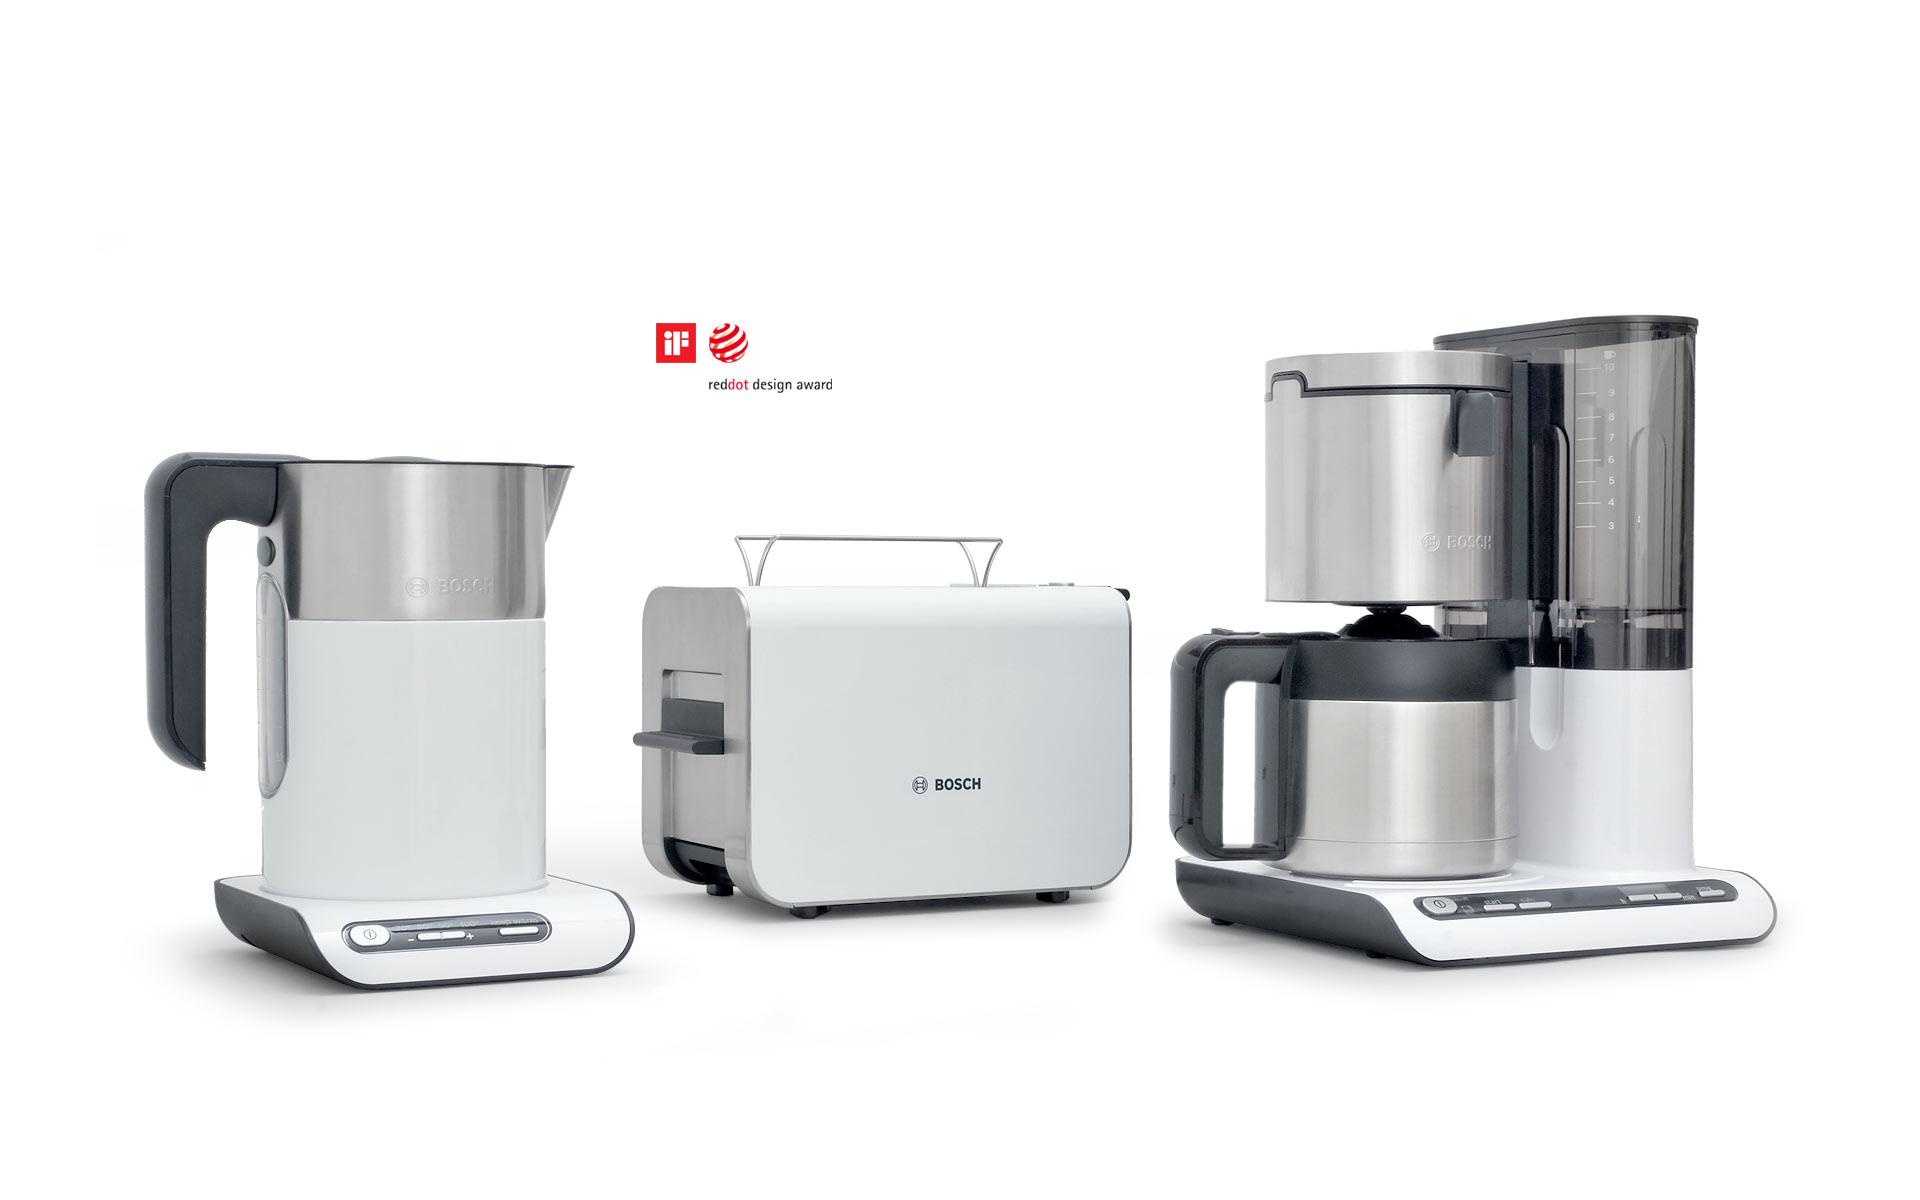 Produktdesigner d+e für Bosch Siemens Hausgeräte